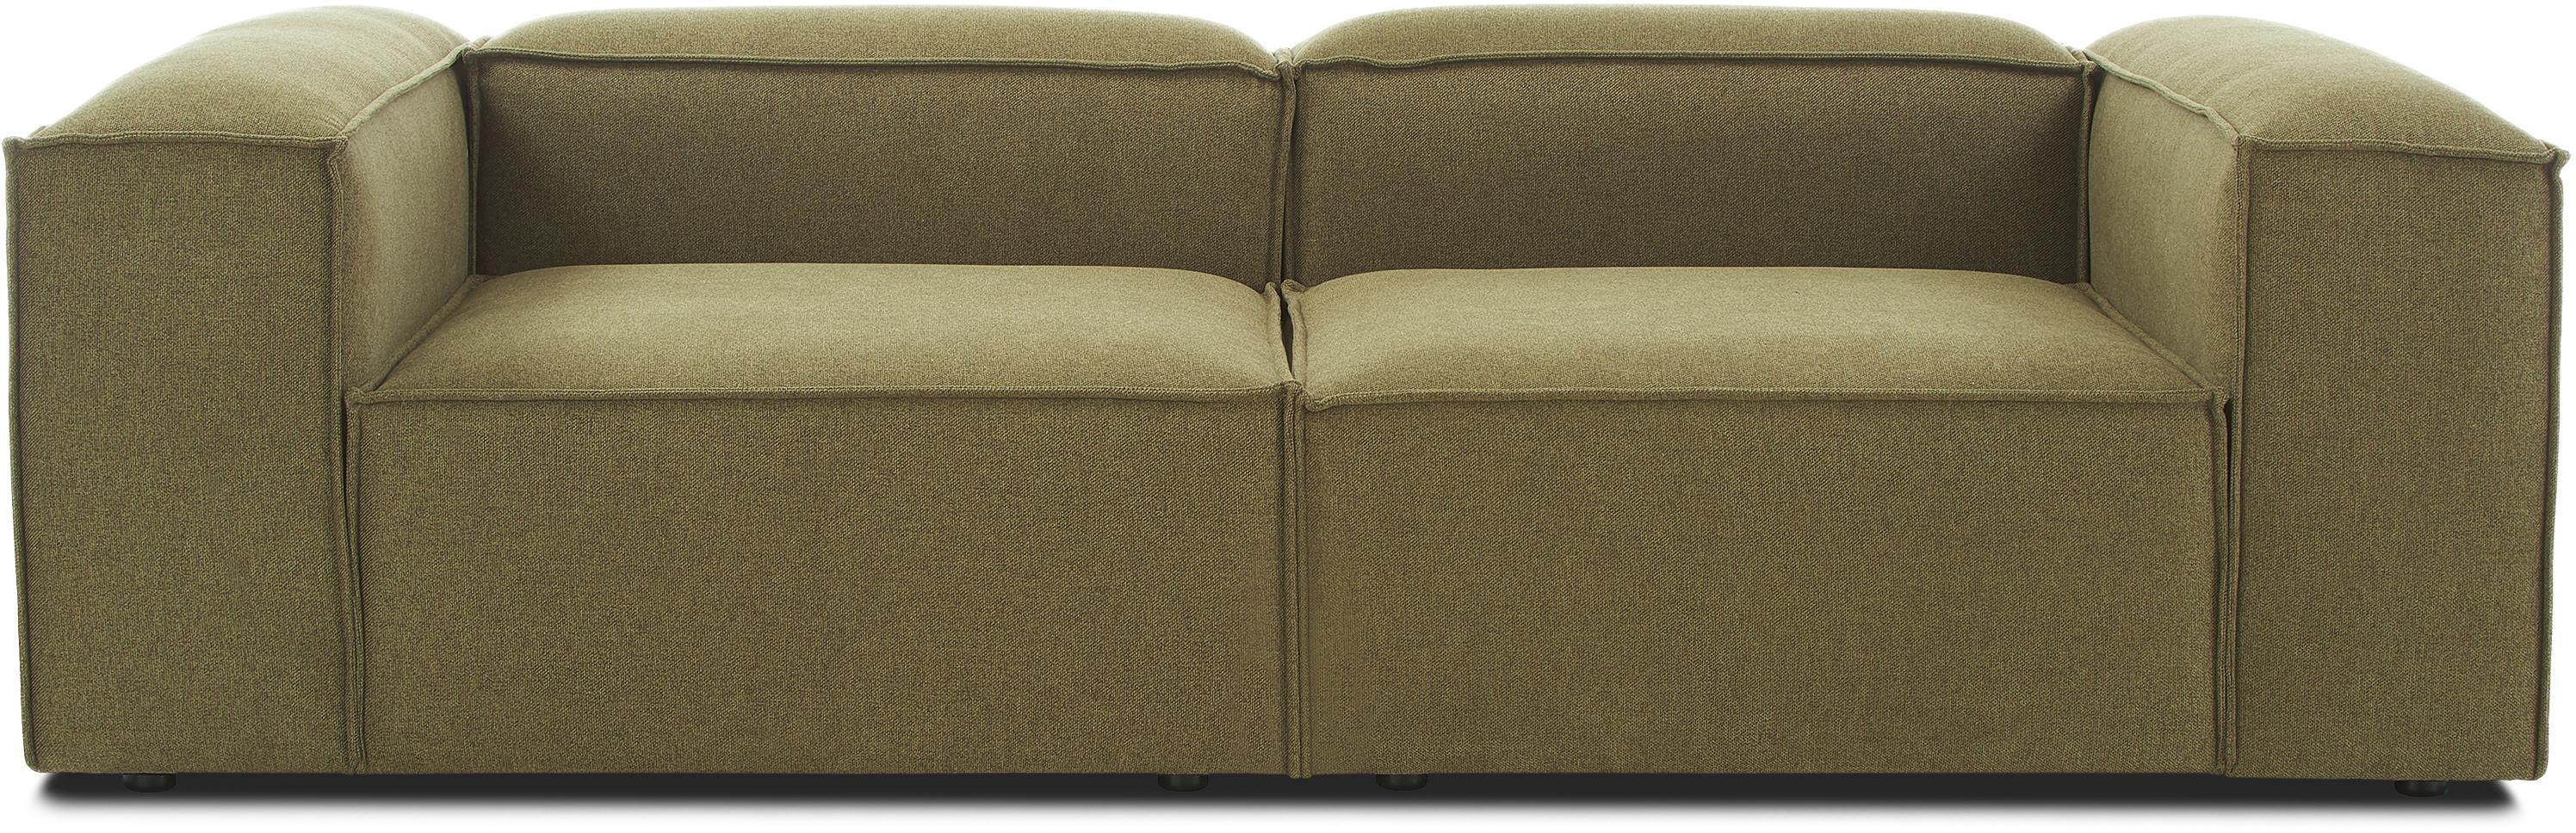 Sofá modular Lennon (3plazas), Tapizado: 100%poliéster 35.000cic, Estructura: madera de pino maciza, ma, Patas: plástico, Tejido verde, An 238 x F 119 cm